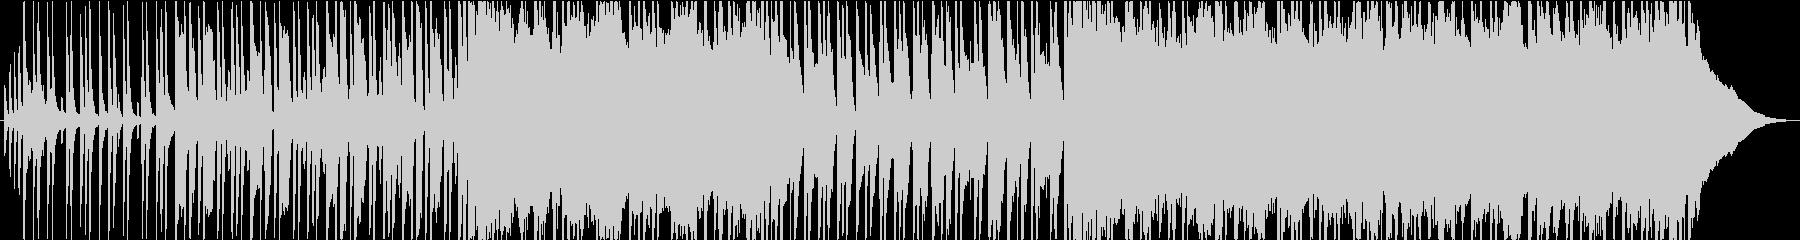 インディーズ ロック バトル 焦り...の未再生の波形